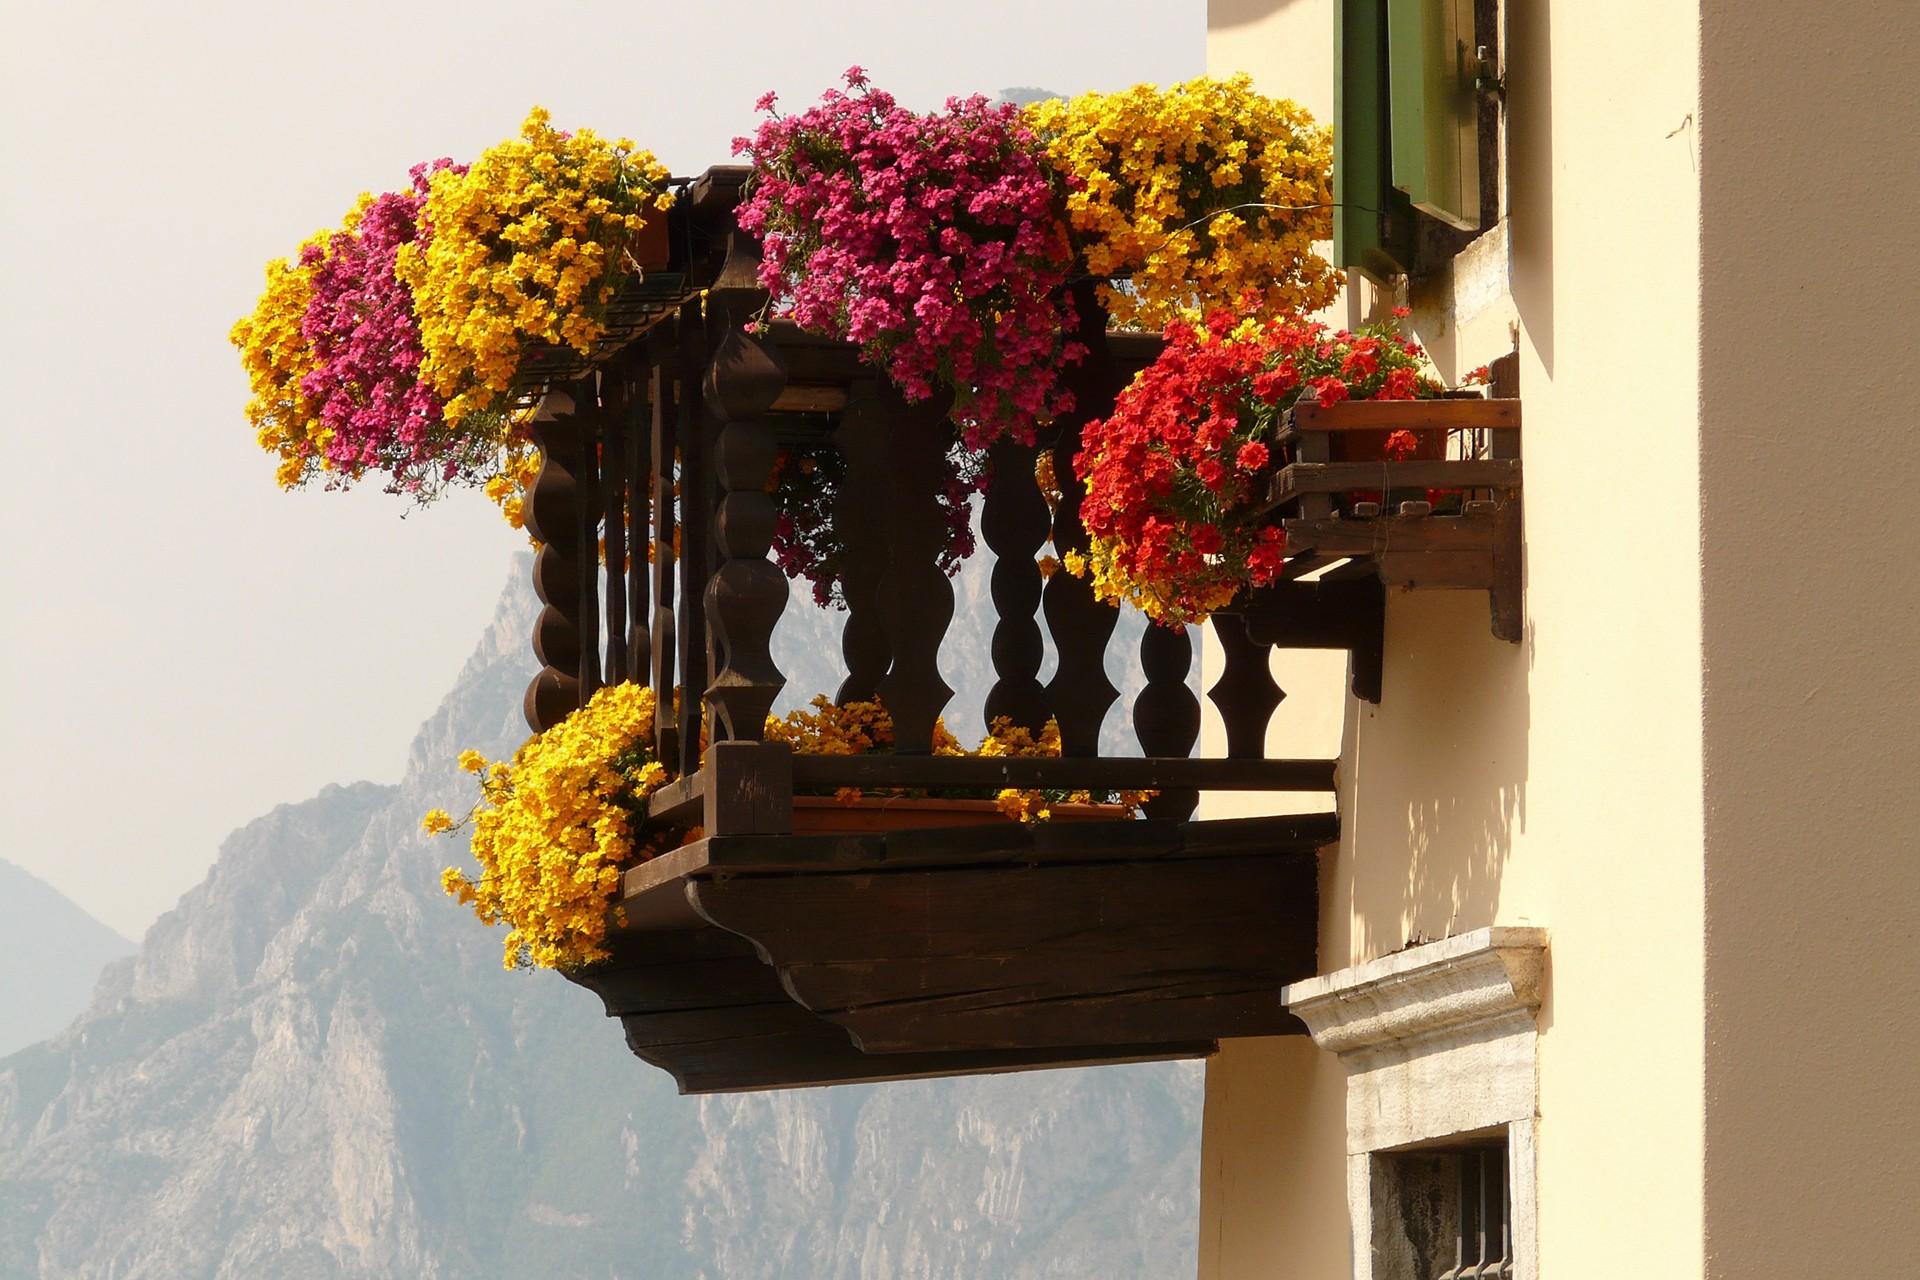 çicekli bir balkon